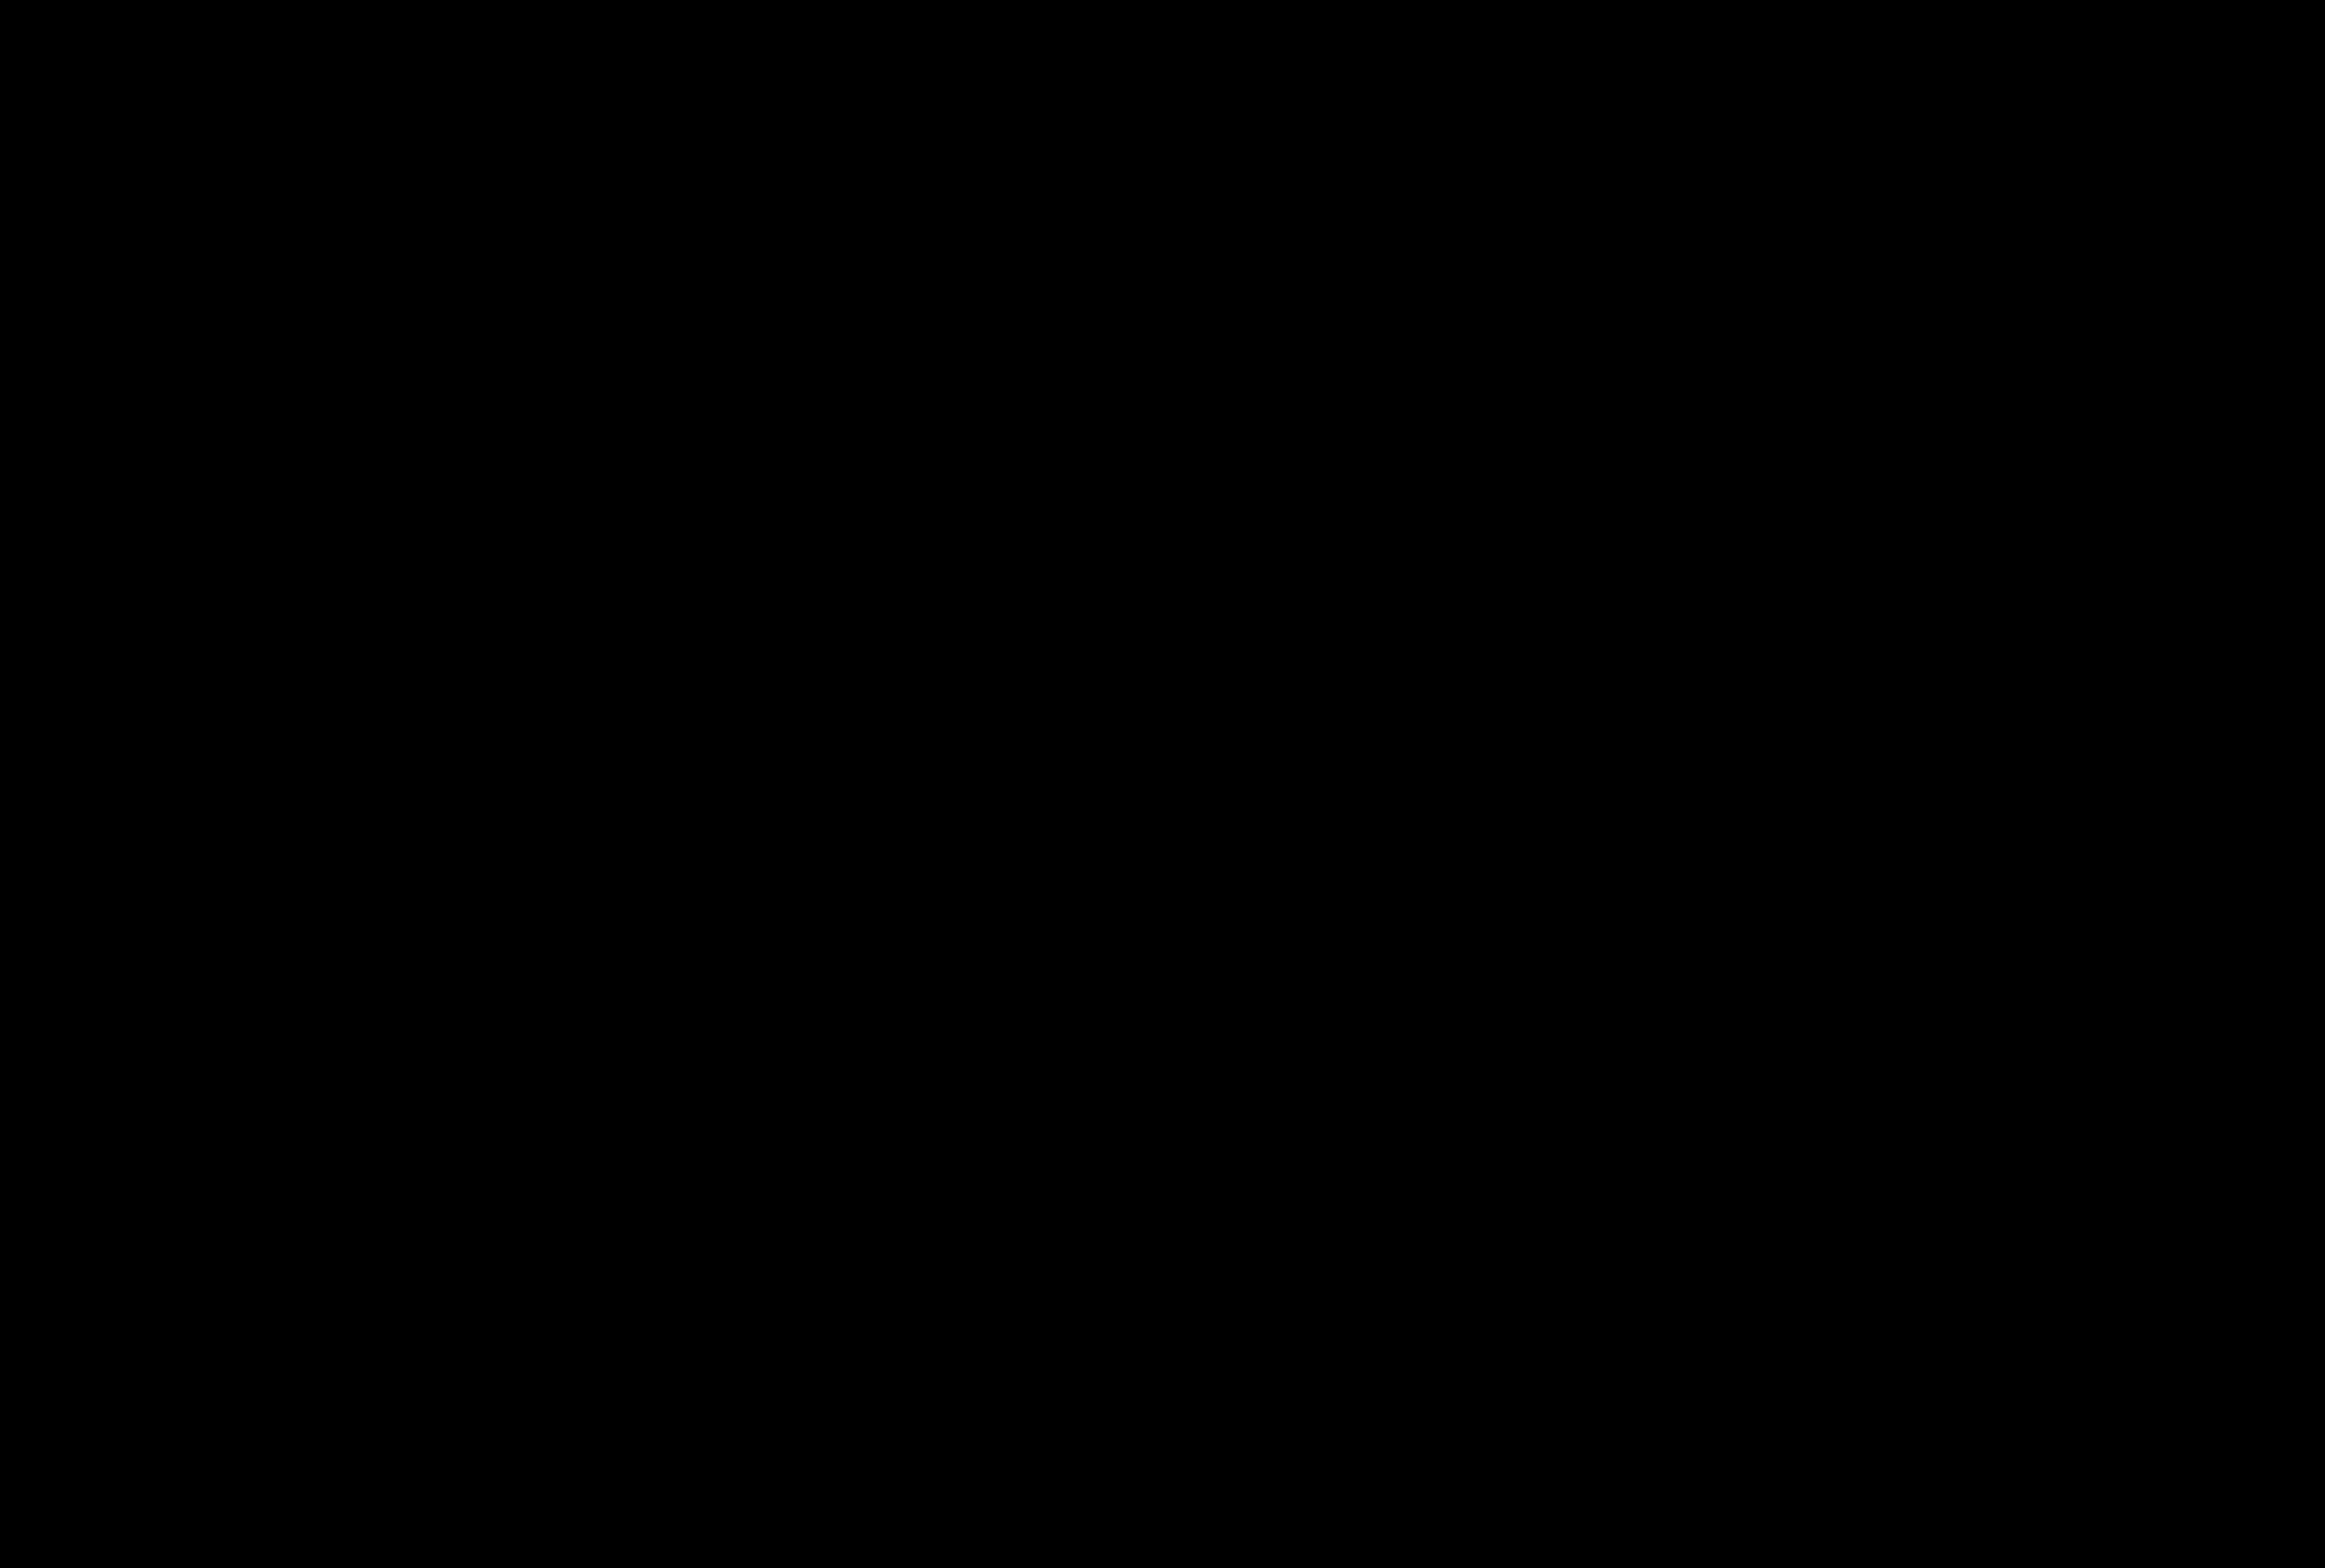 Walko-Werksteun (4 stuks)